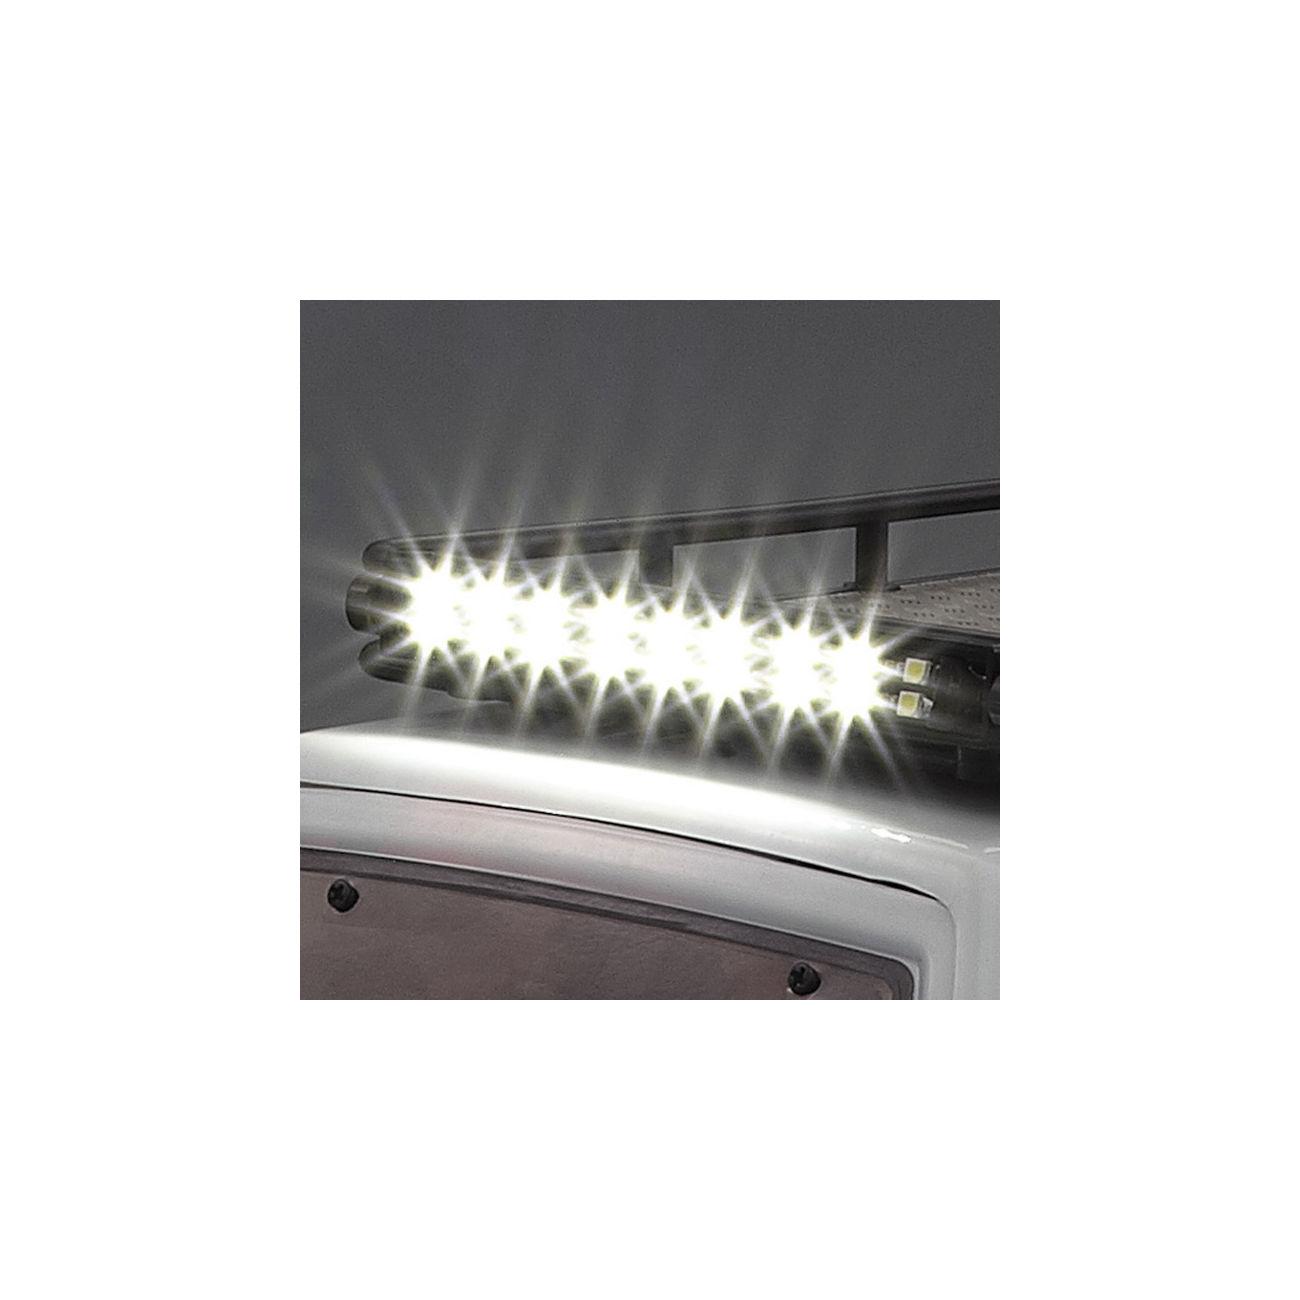 killerbody accent light b gel set mit led beleuchtung inkl leds kb48347 kotte zeller. Black Bedroom Furniture Sets. Home Design Ideas